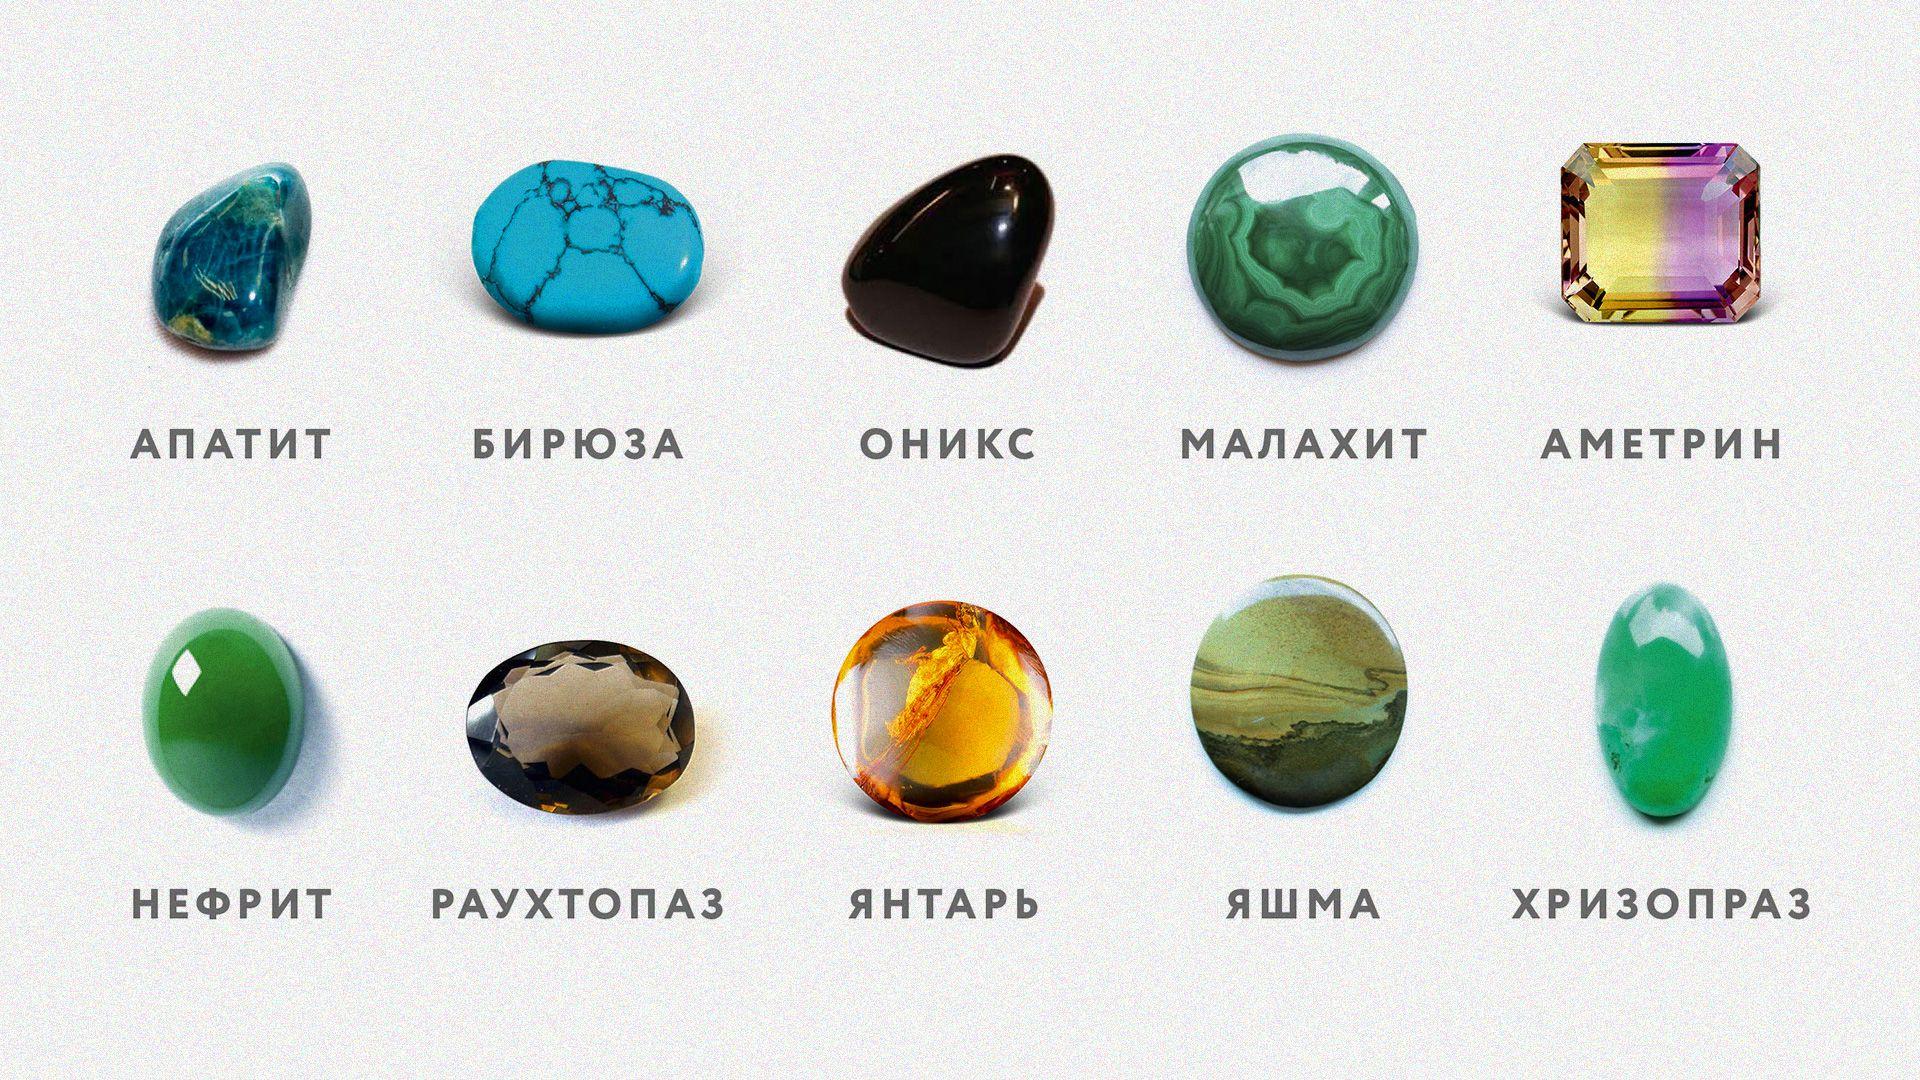 все драгоценные камни фото и названия